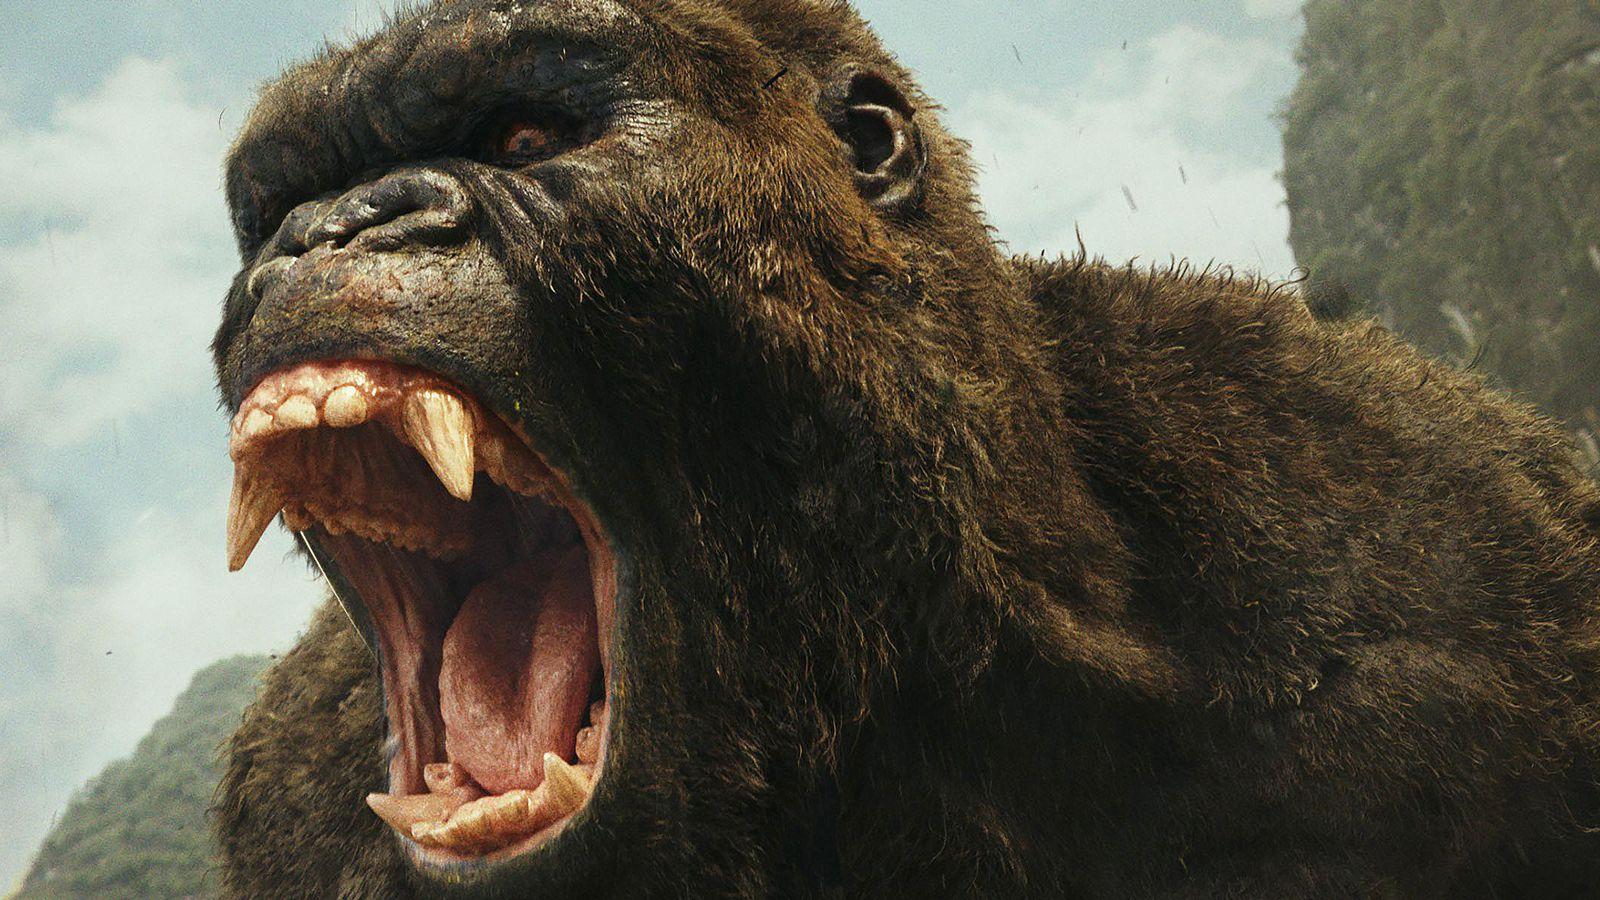 Kong roars in Skull Island